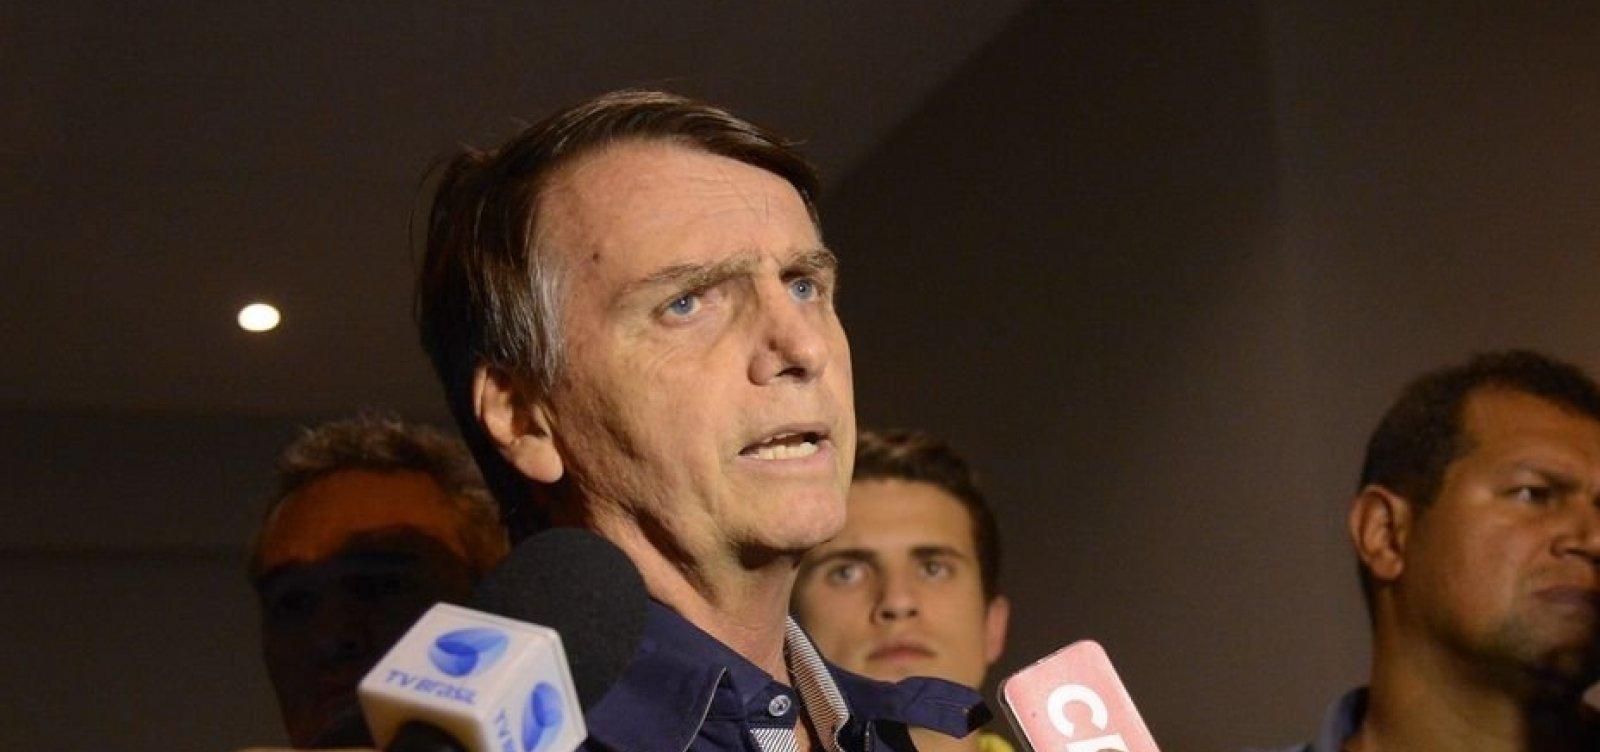 'Bato papo com ele sem problema nenhum', afirma Bolsonaro sobre Doria